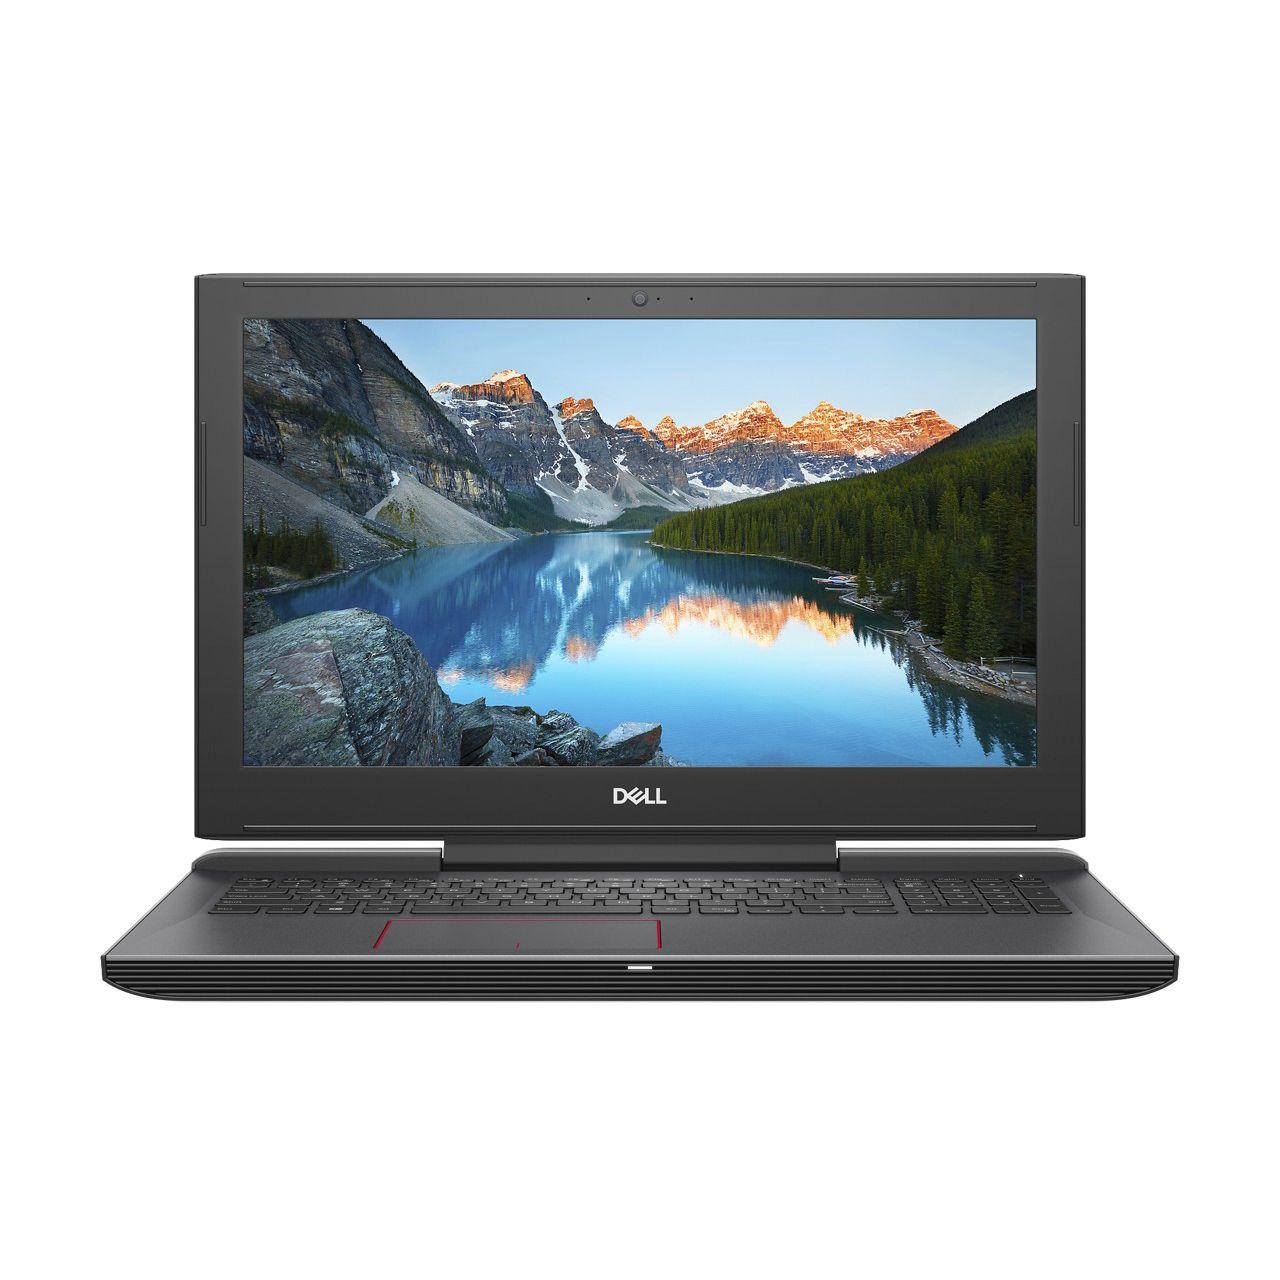 Notebook Dell Inspiron 7577 15.6 Full HD Intel Core i7-7700HQ GTX 1050 Ti-4GB RAM 16GB HDD 1TB + SSD 128GB Linux